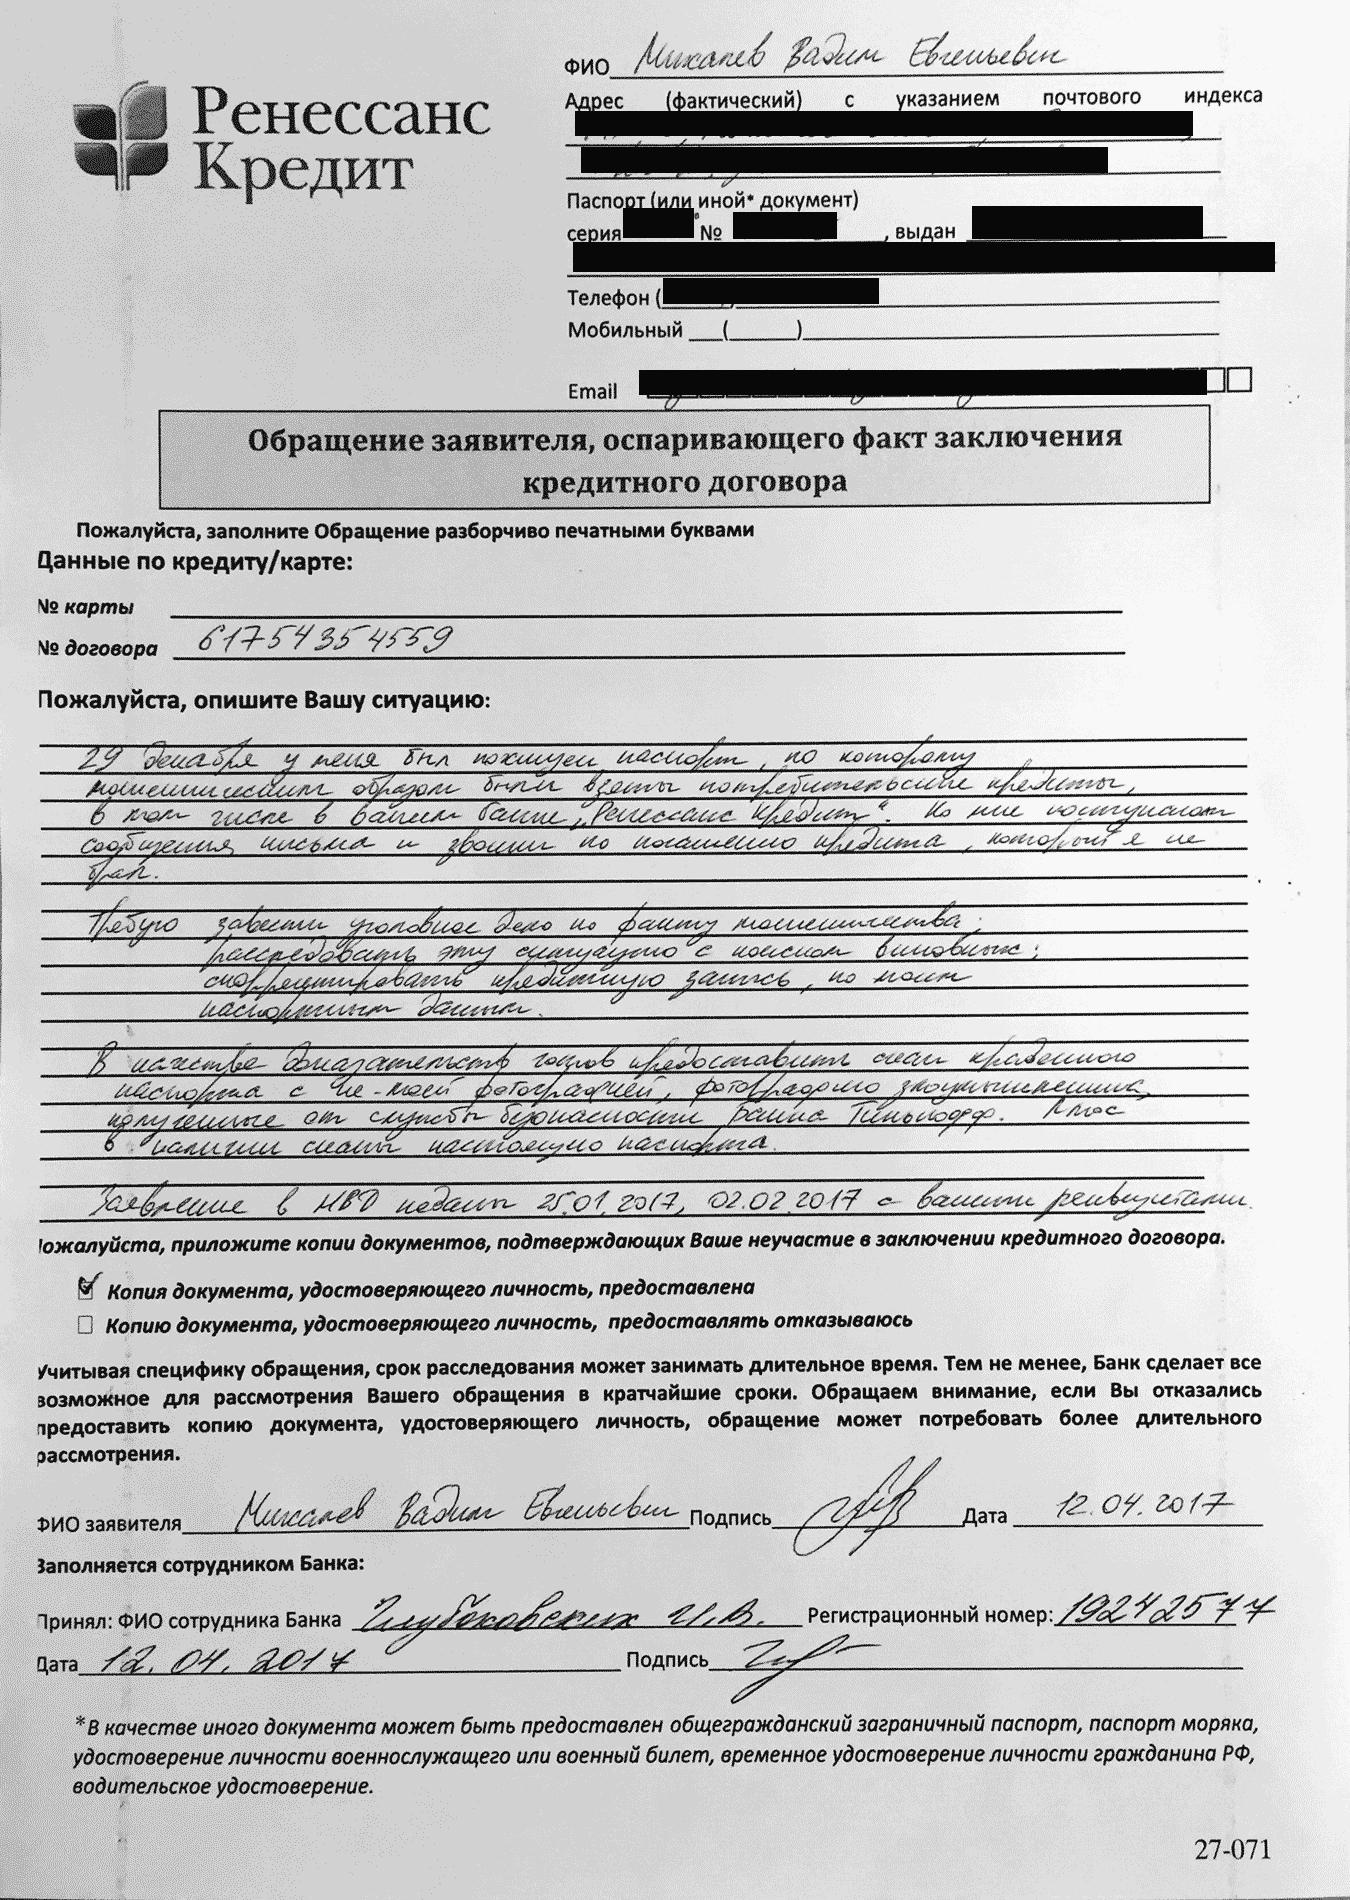 Заявление в «Ренессанс кредит» я подал в офисе банка